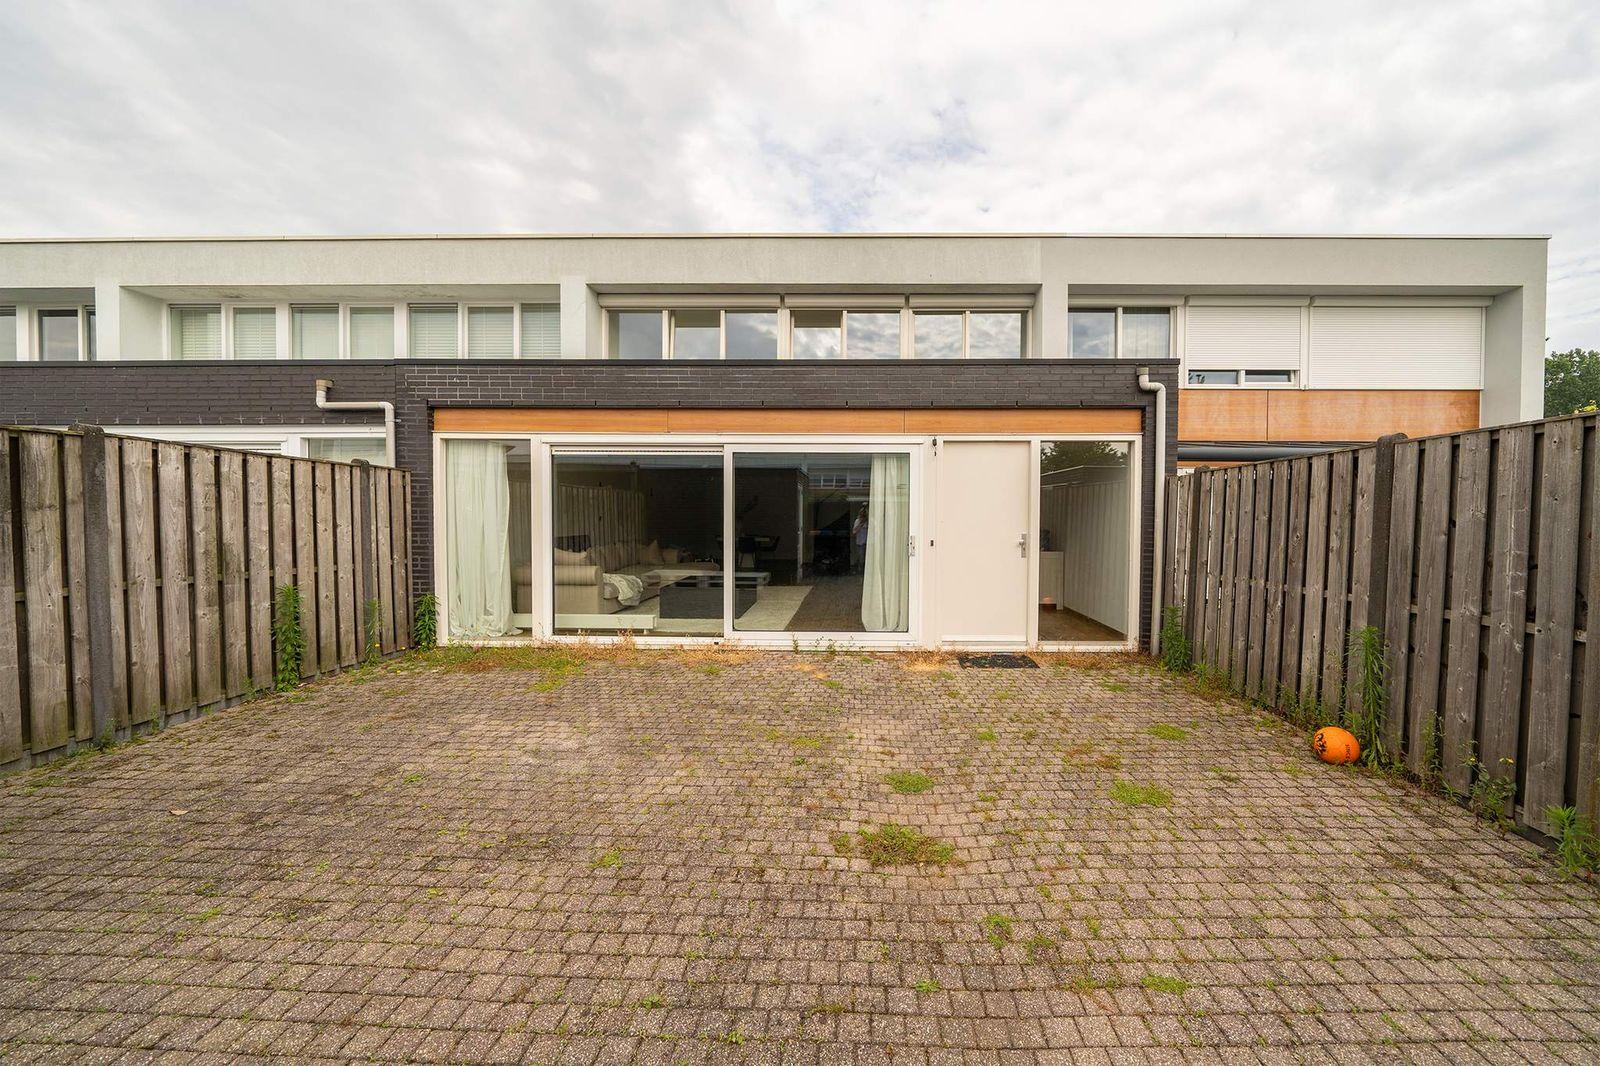 Schipluidenlaan 67, Tilburg